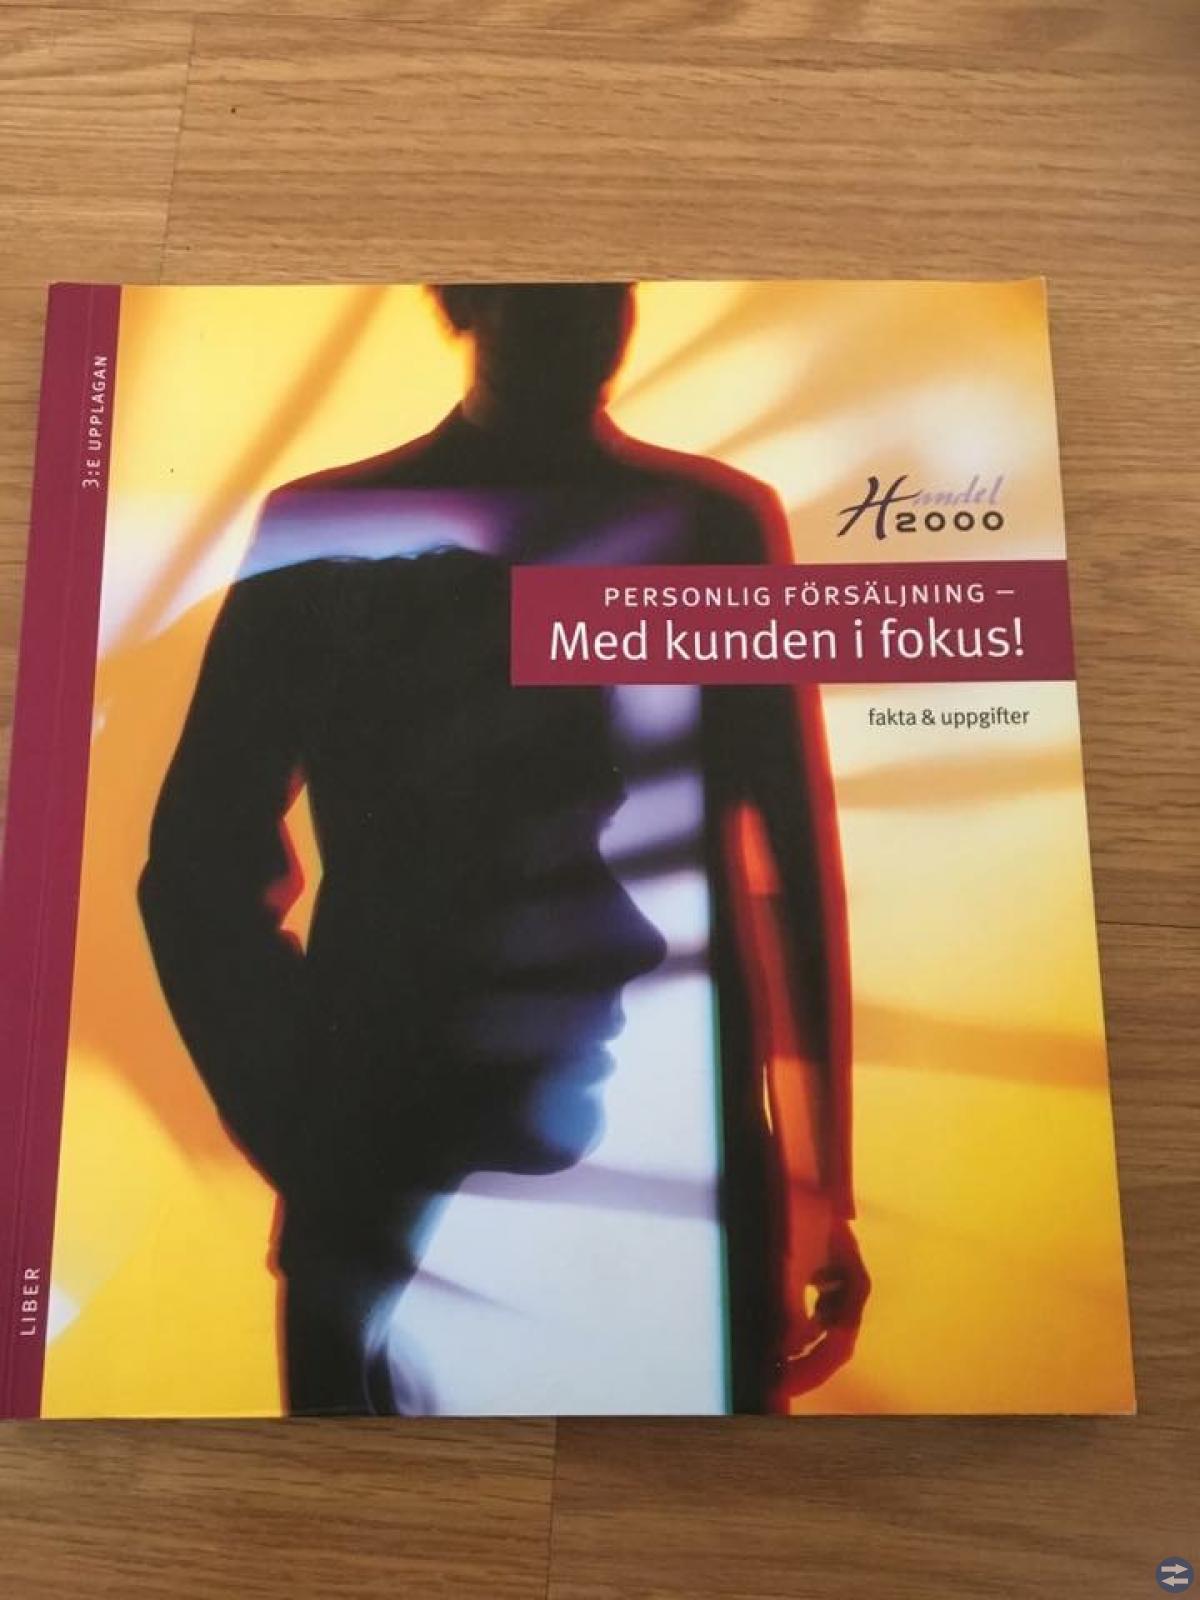 H2000 personlig försäljning - Vänersborgtorget.se - Annonsera gratis ... 62e9db58a1fbd